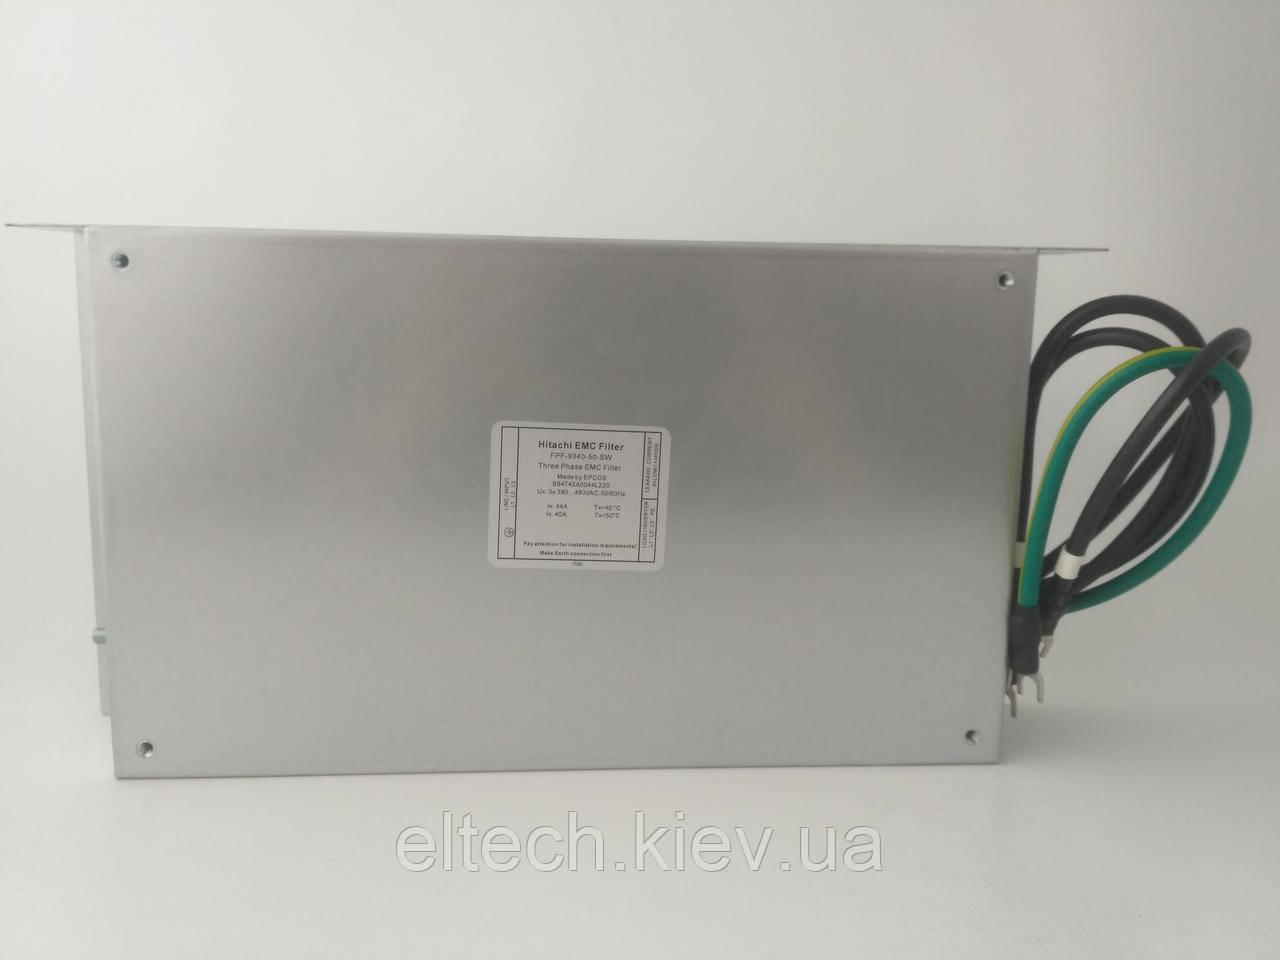 FPF-9340-30 для WL200-(075, 110)HF. Фильтр сетевой